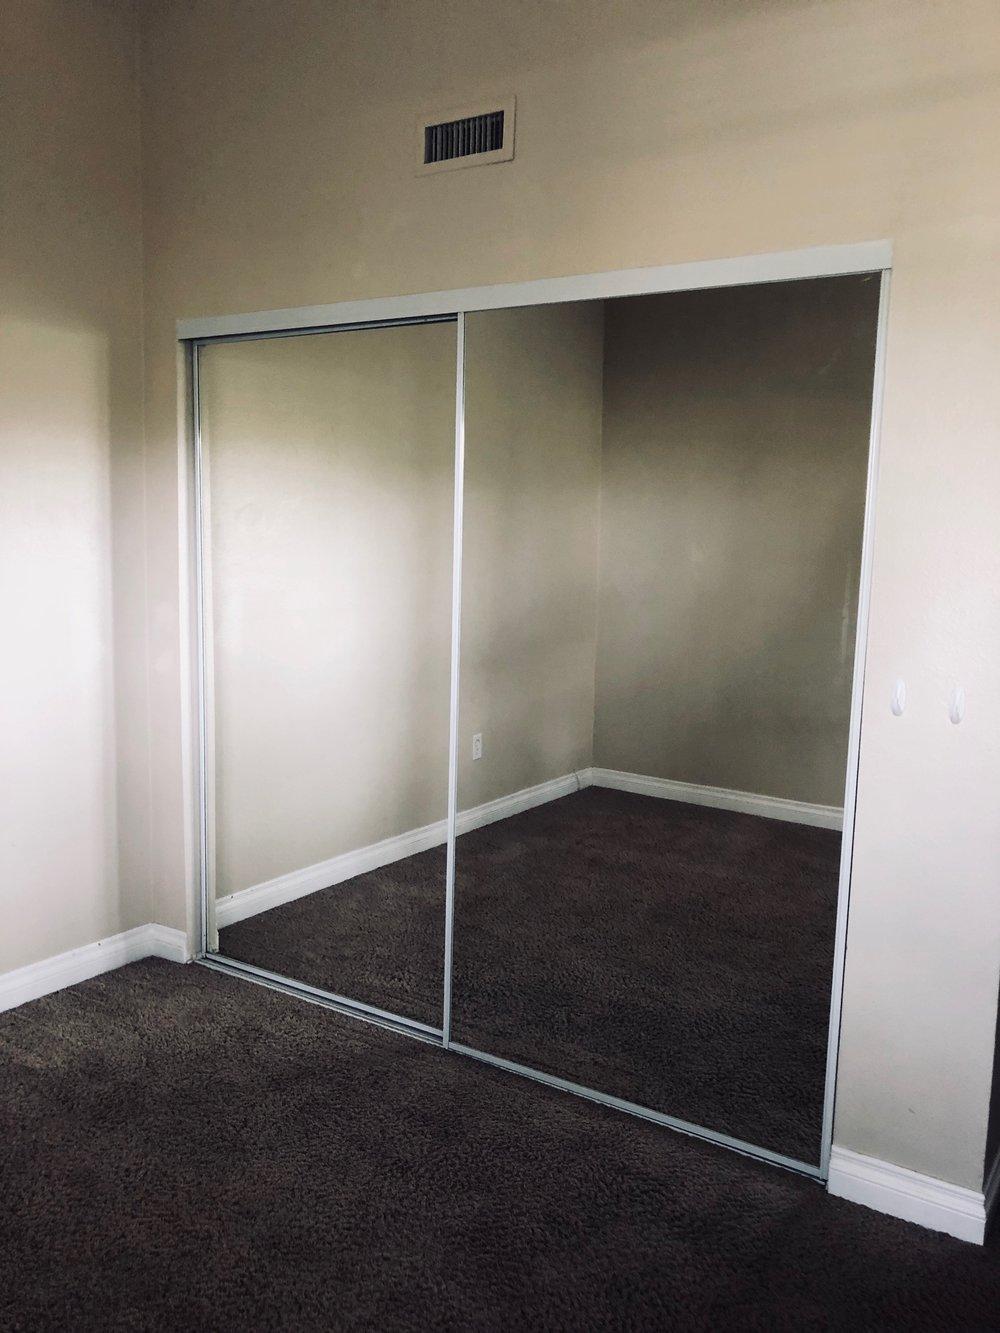 Double Track Mirrored Closet Door